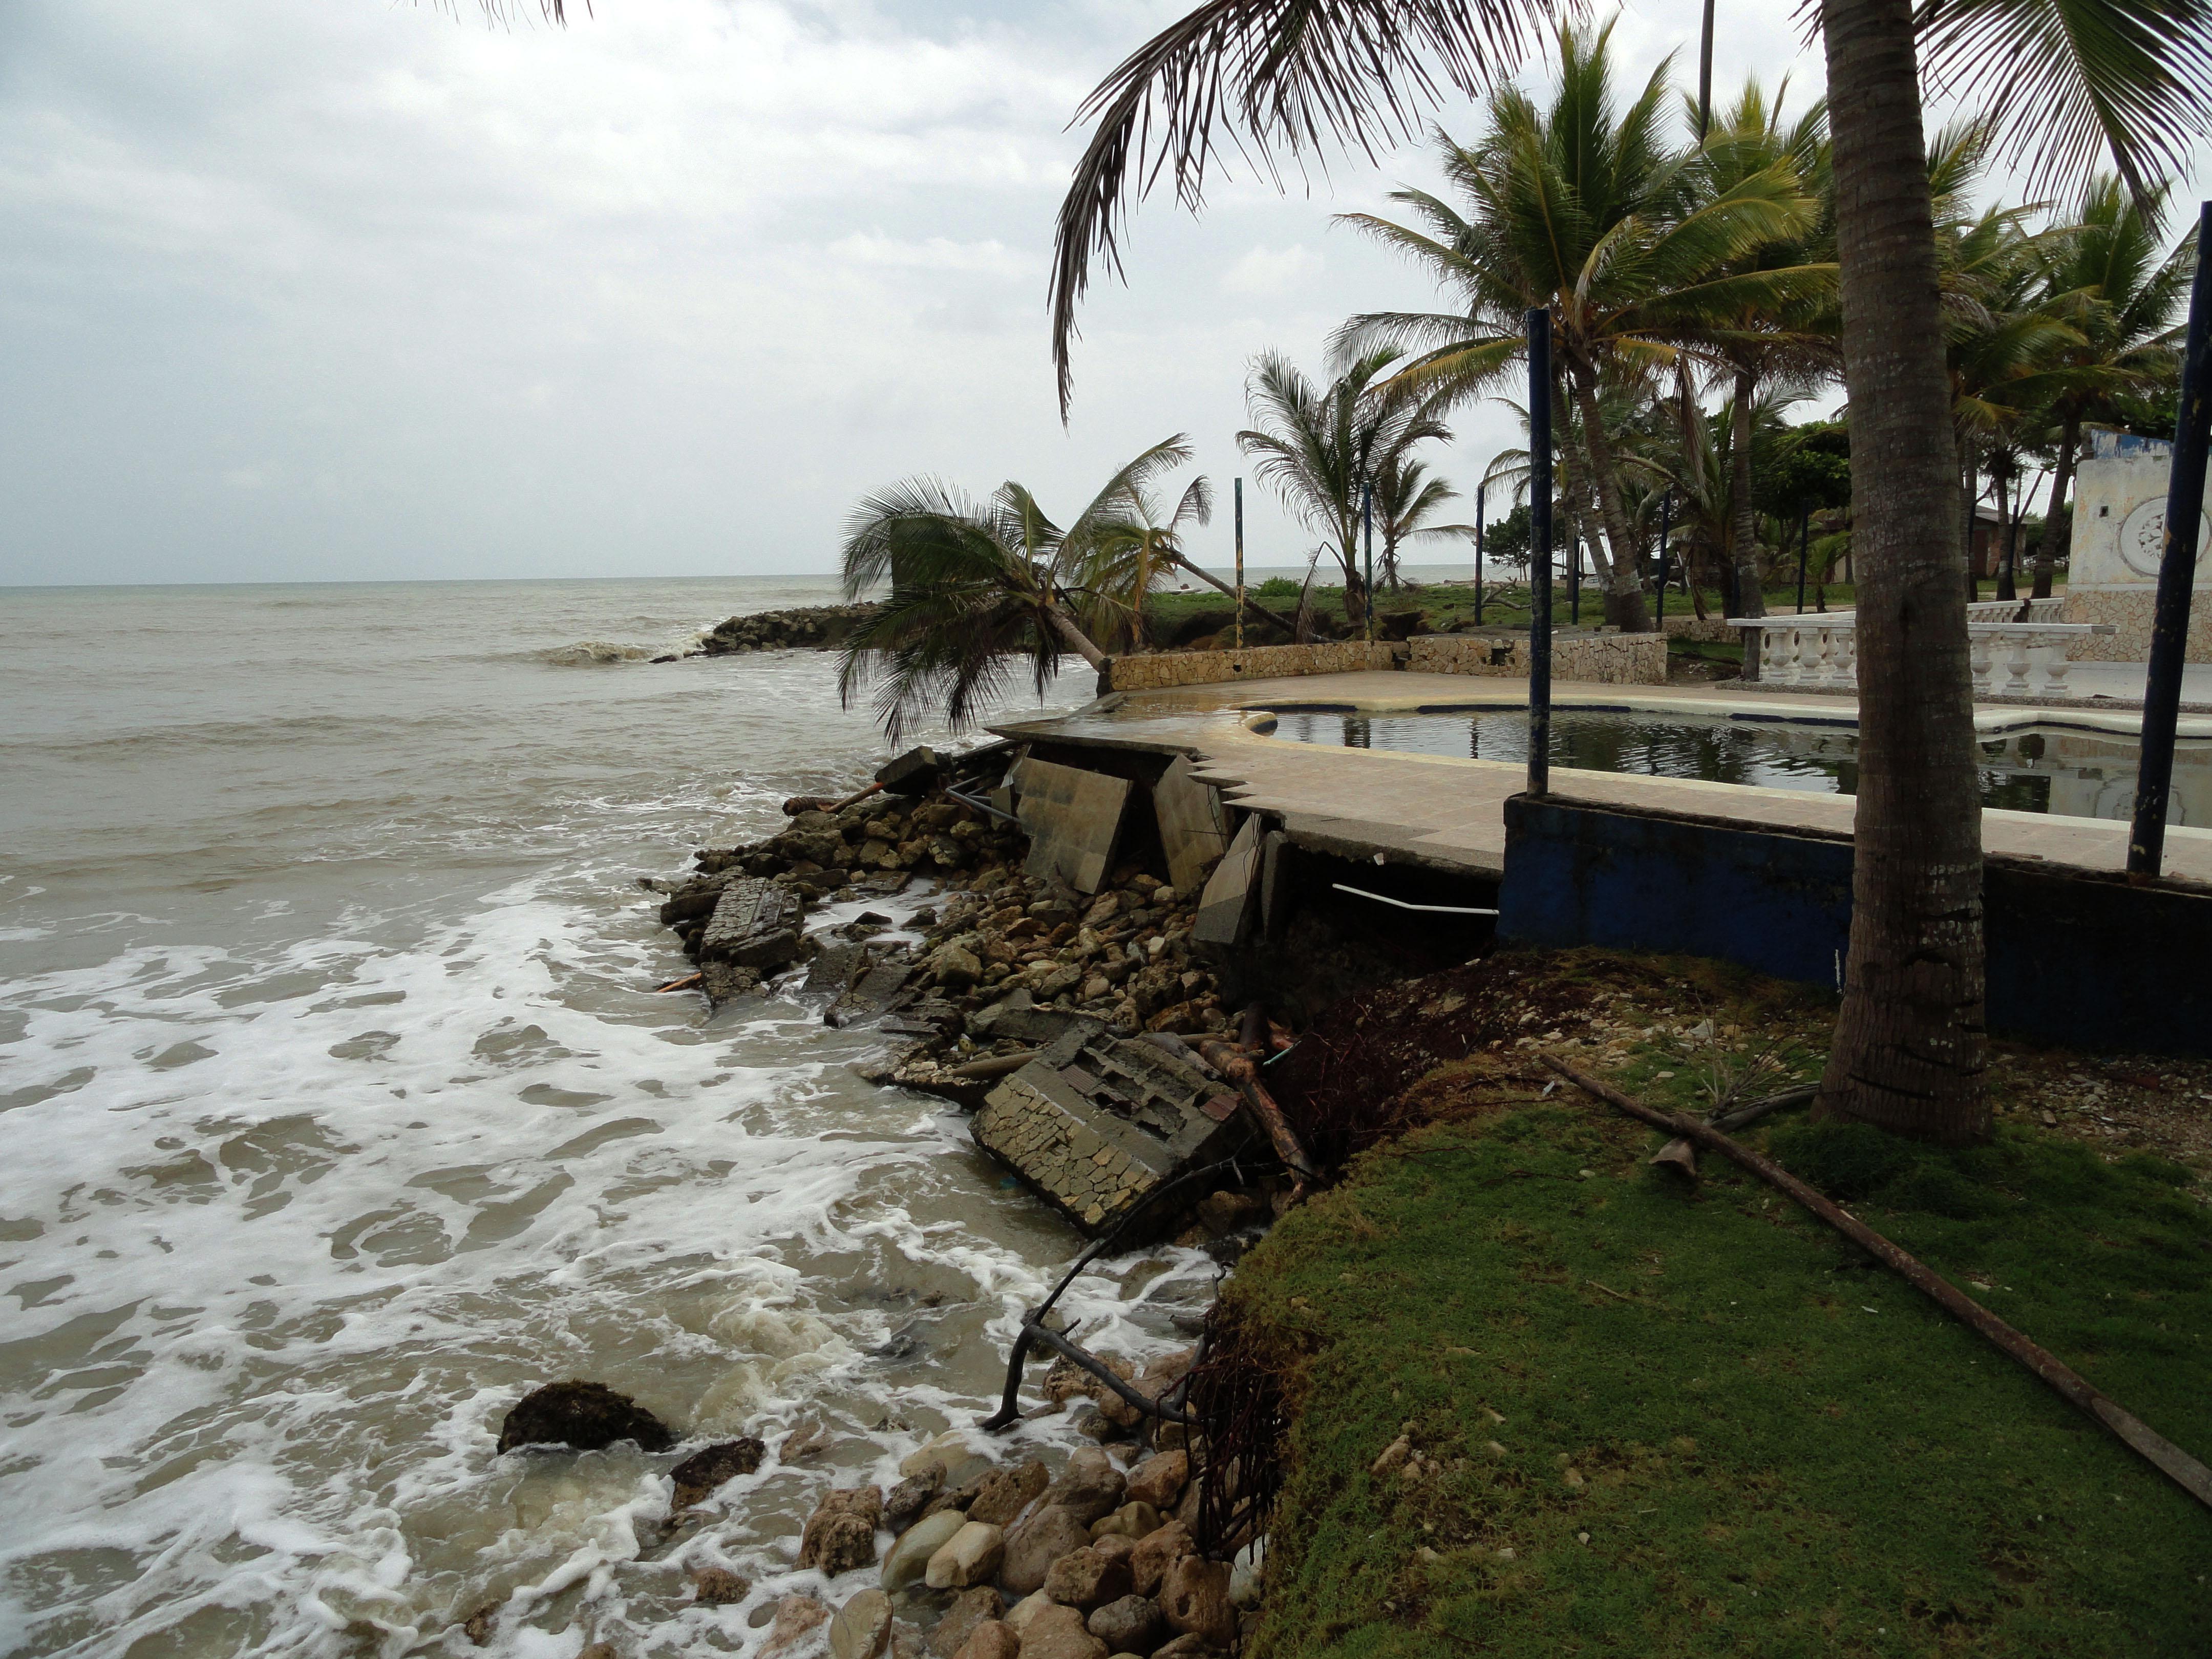 Por la erosión, el mar se está 'comiendo' la costa de Urabá